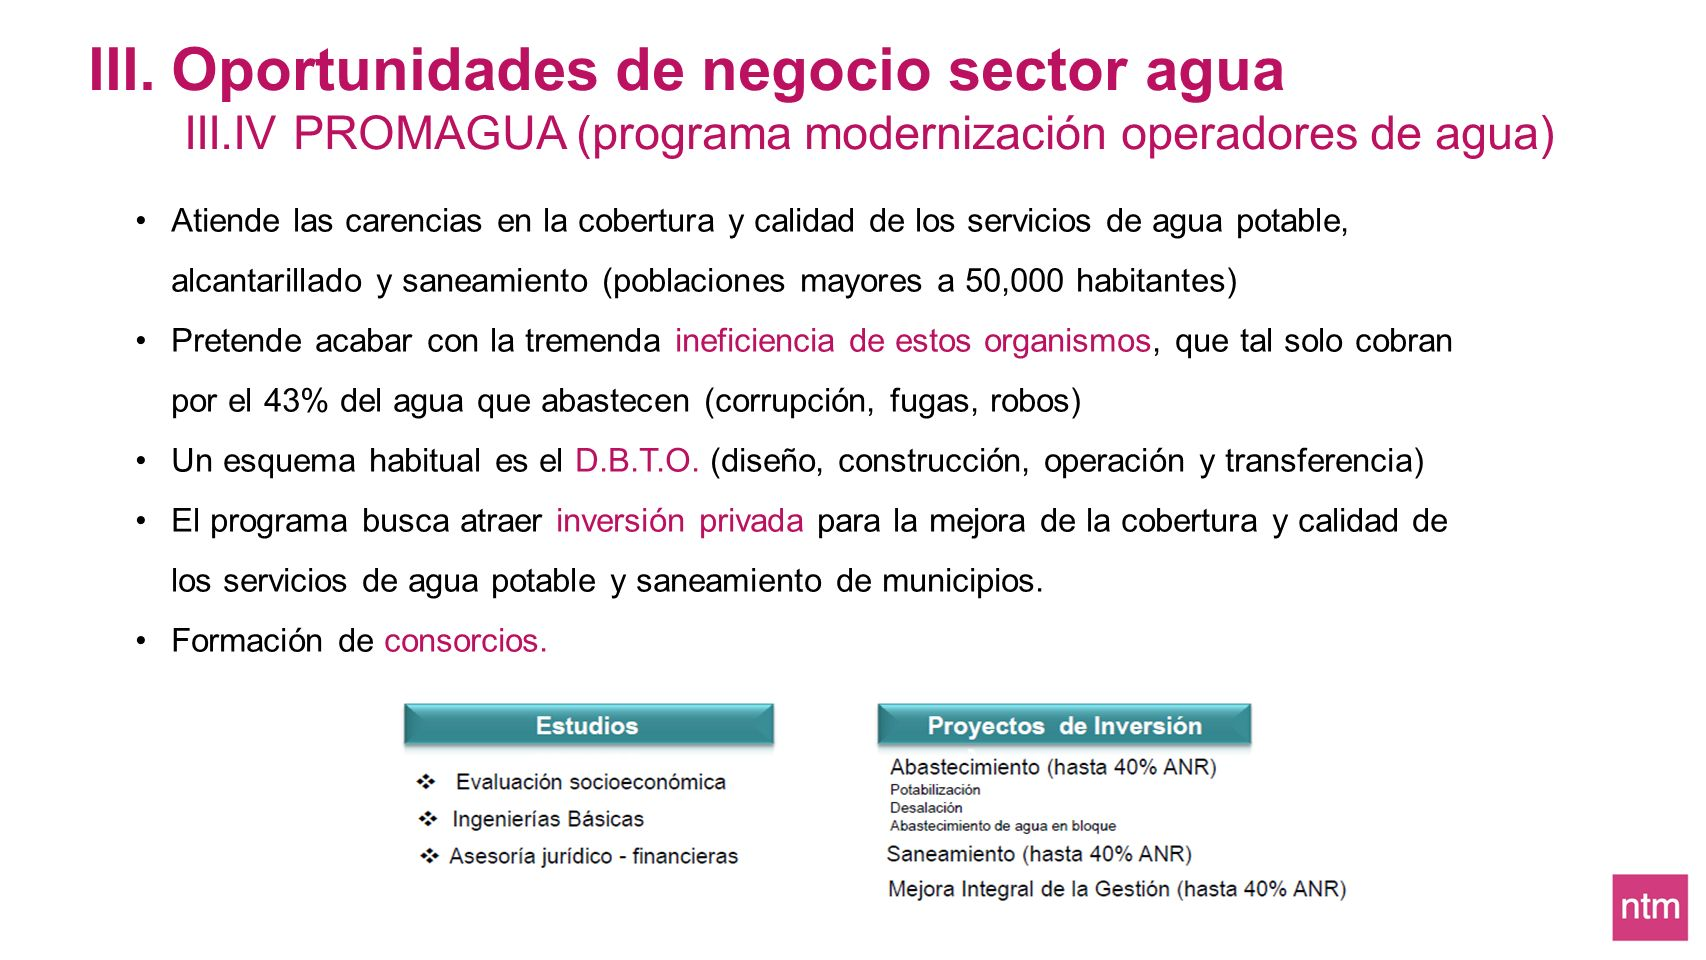 III. Oportunidades de negocio sector agua III.IV PROMAGUA (programa modernización operadores de agua) Atiende las carencias en la cobertura y calidad